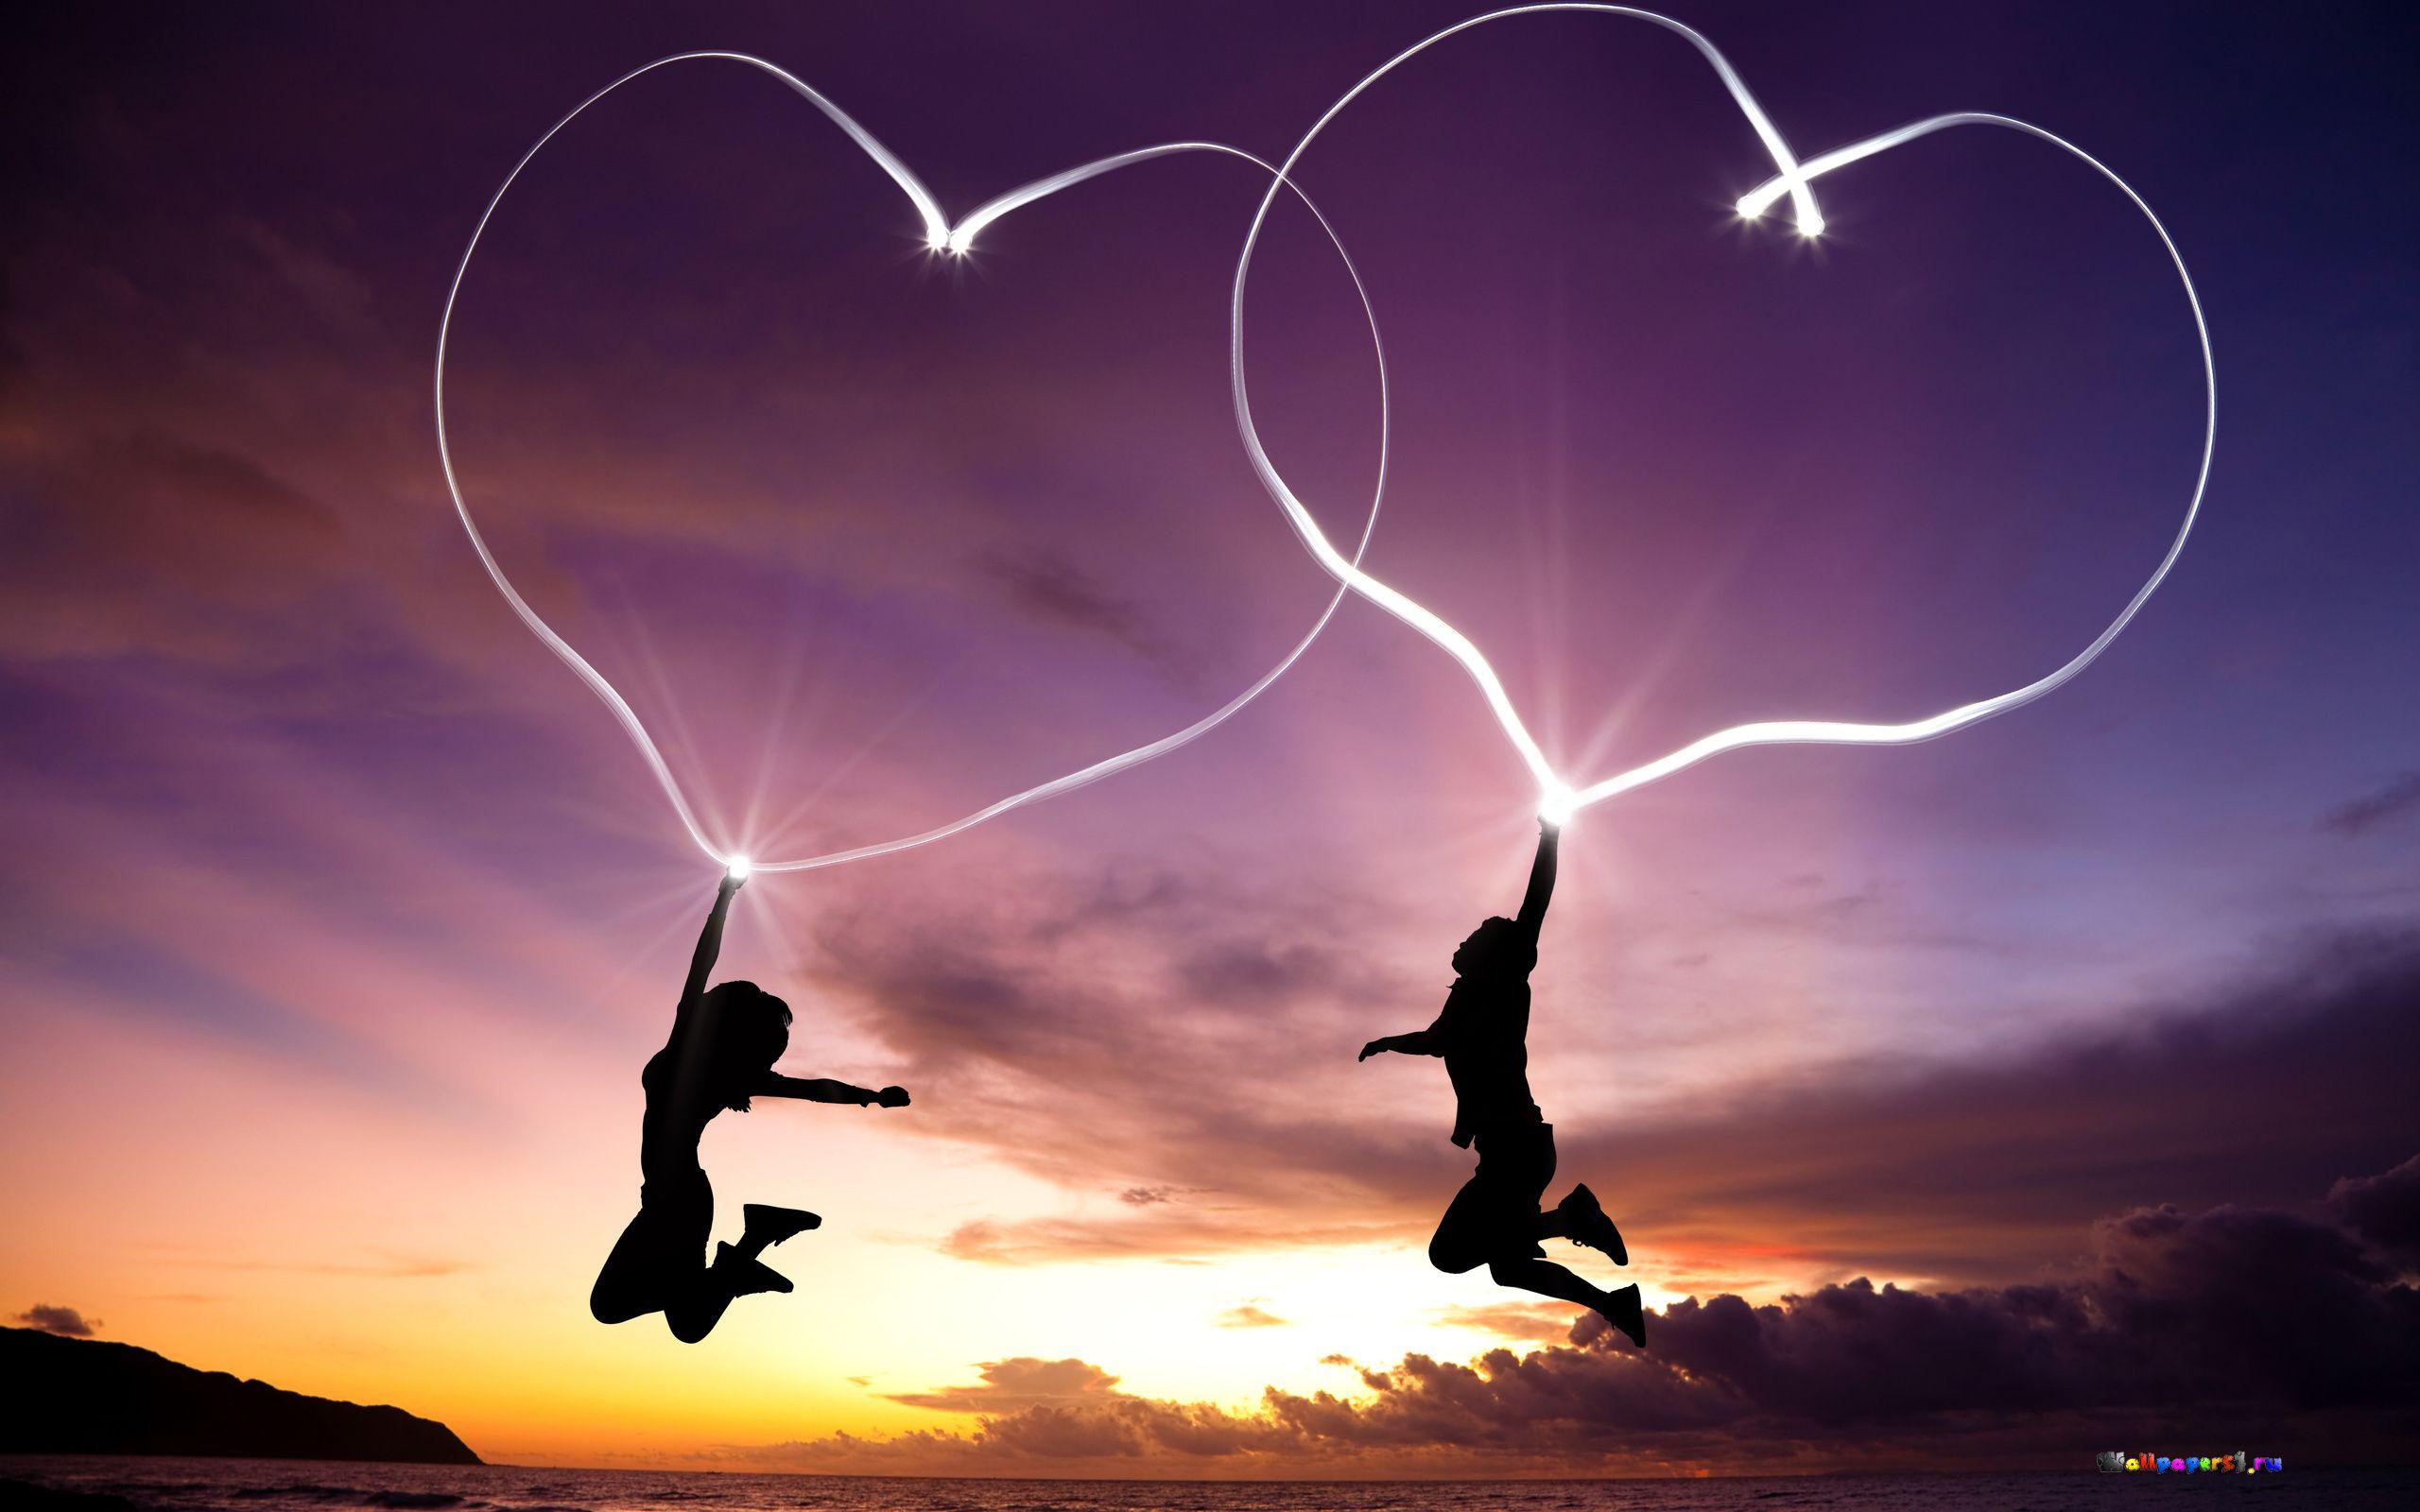 Club jogszabály egyik - Téma megtekintése - a szeretetről